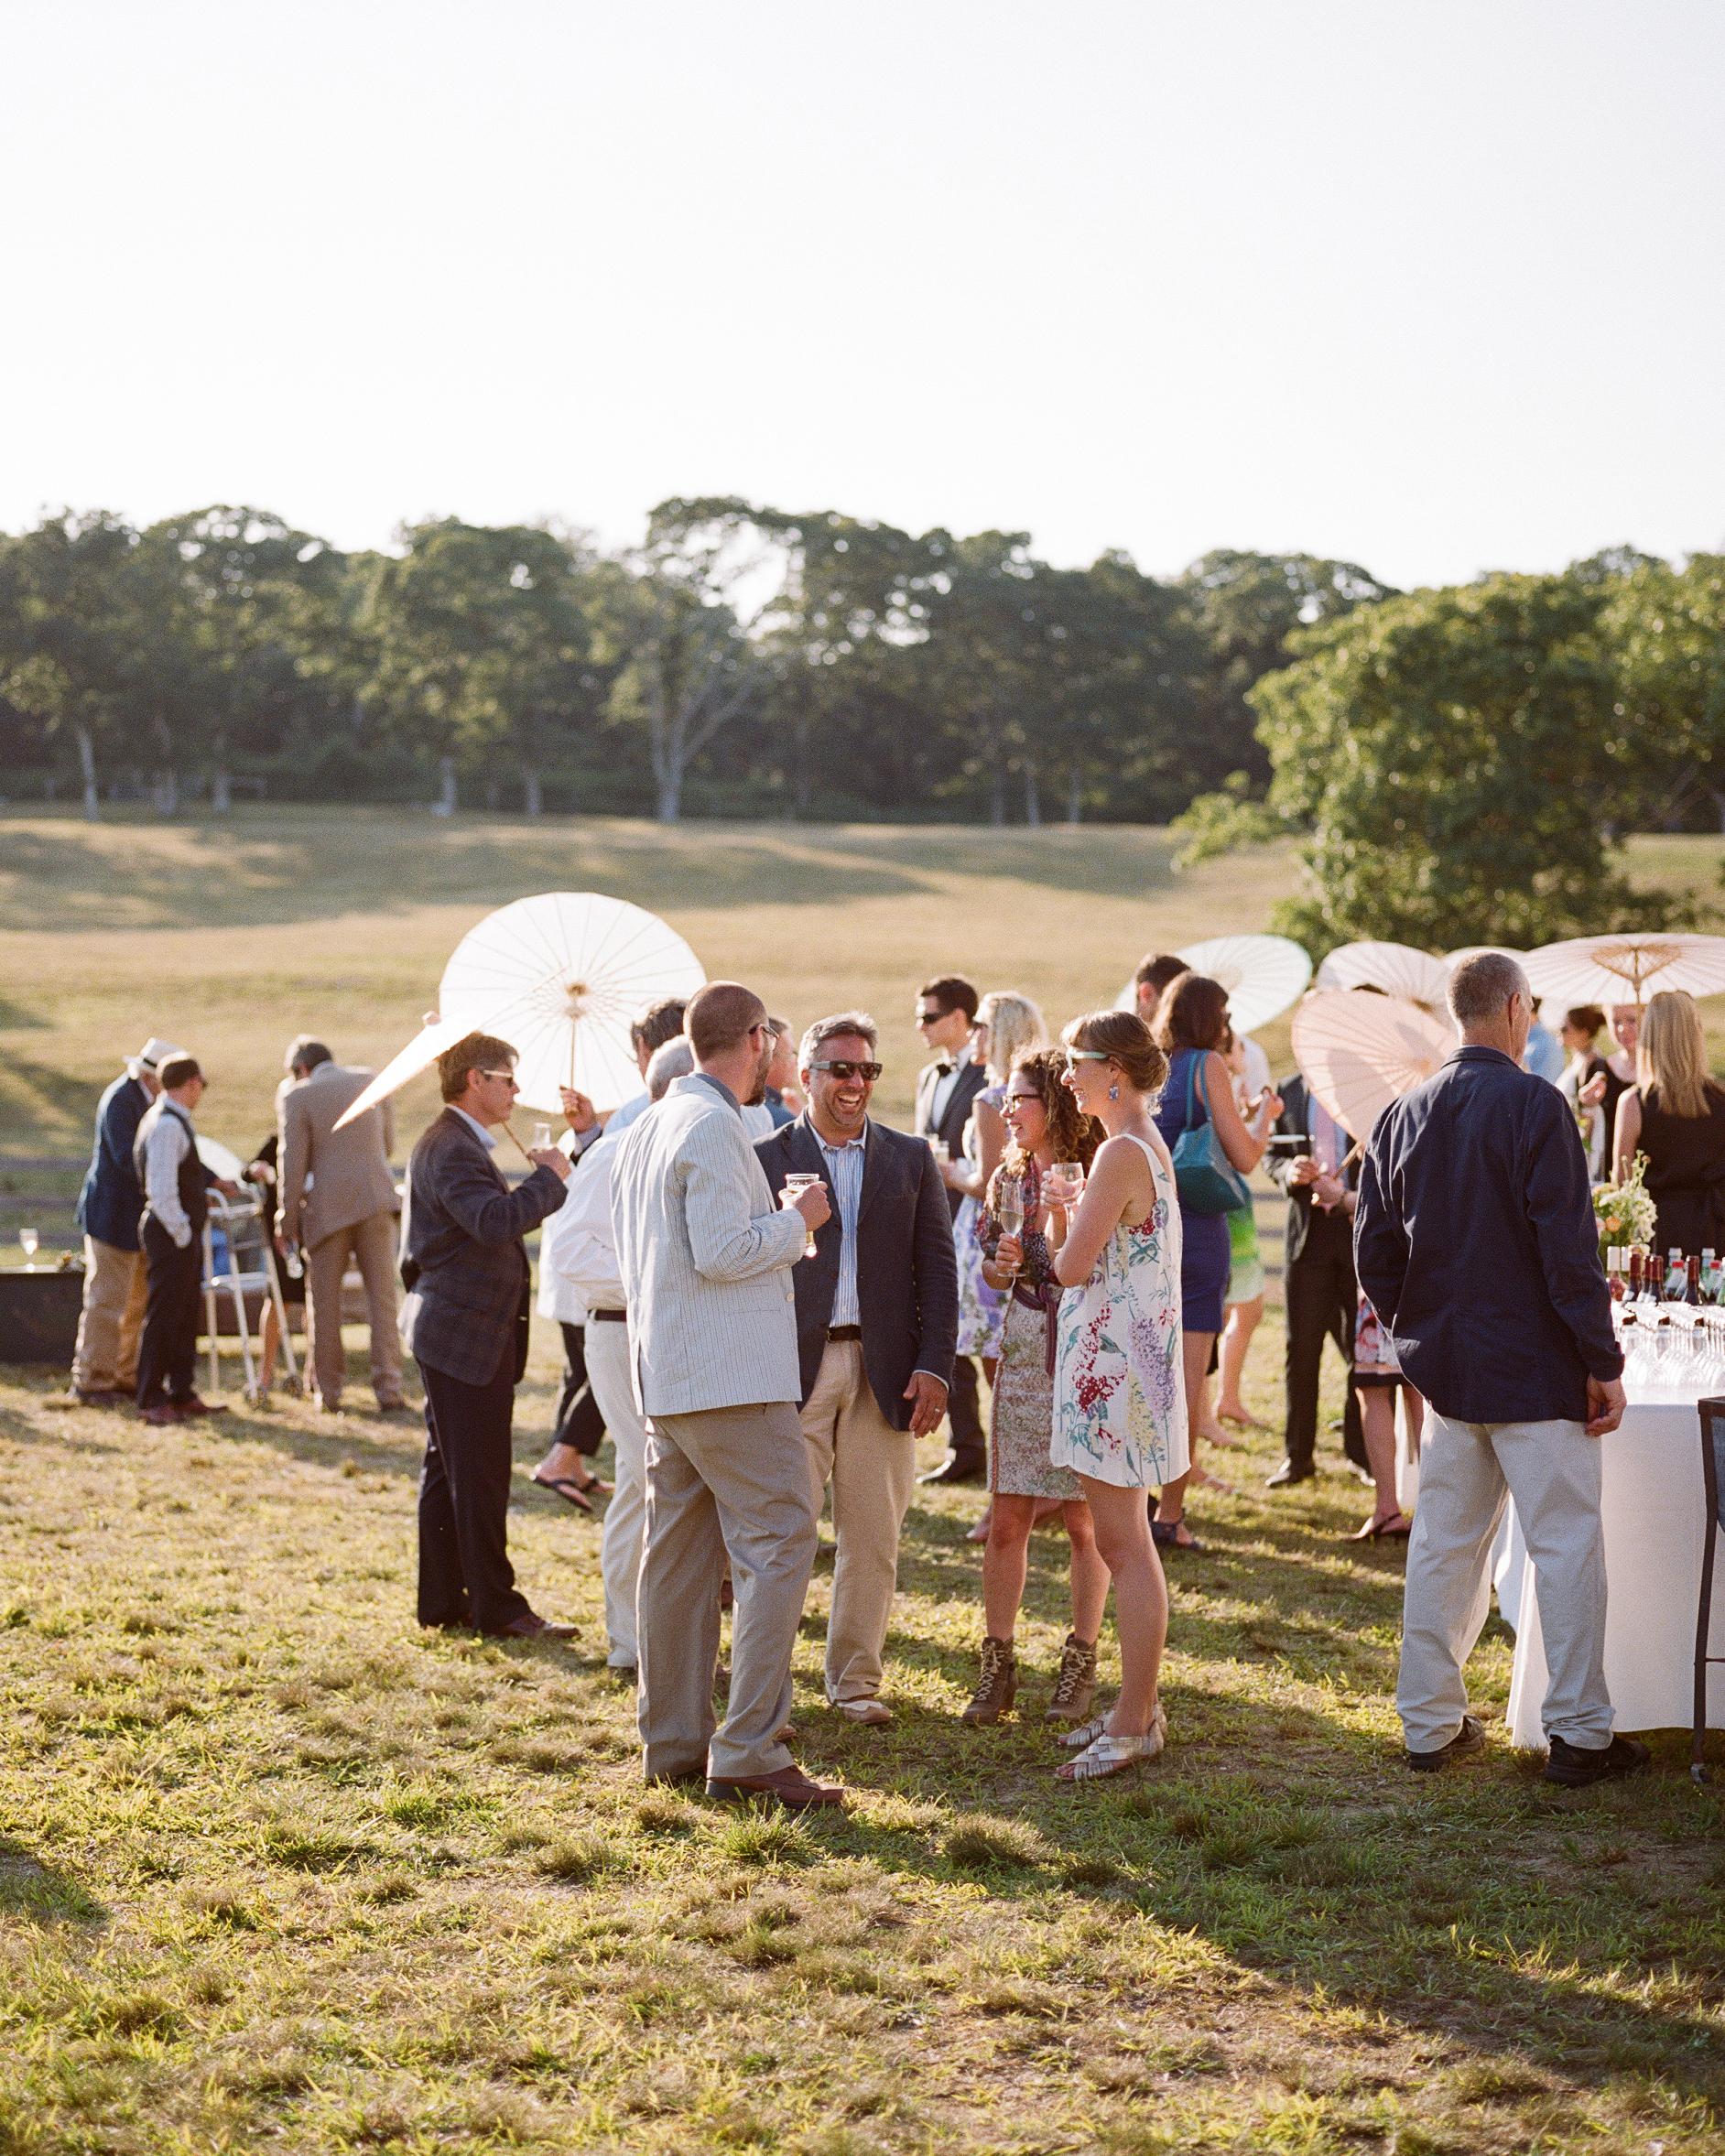 jocelyn-graham-wedding-cocktailhour-1019-s111847-0315.jpg